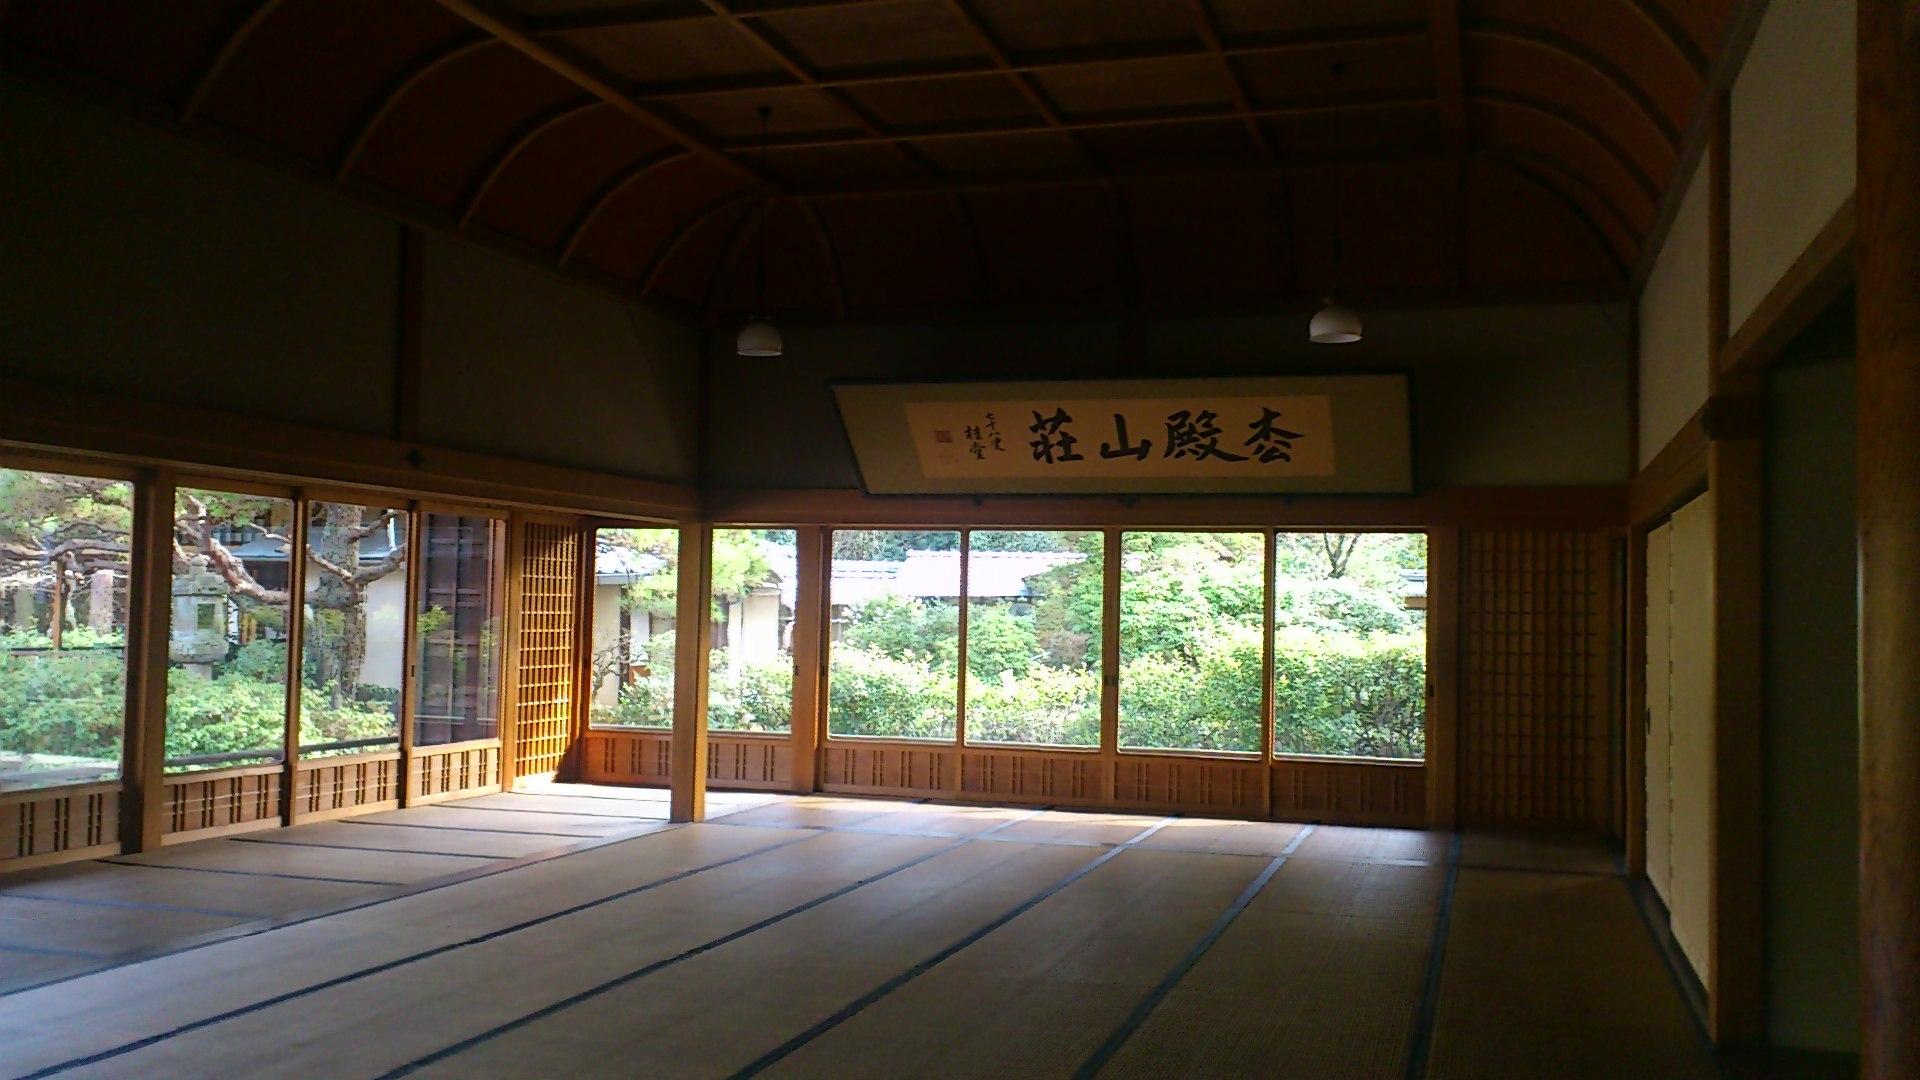 木幡の松殿山荘を訪ねました。